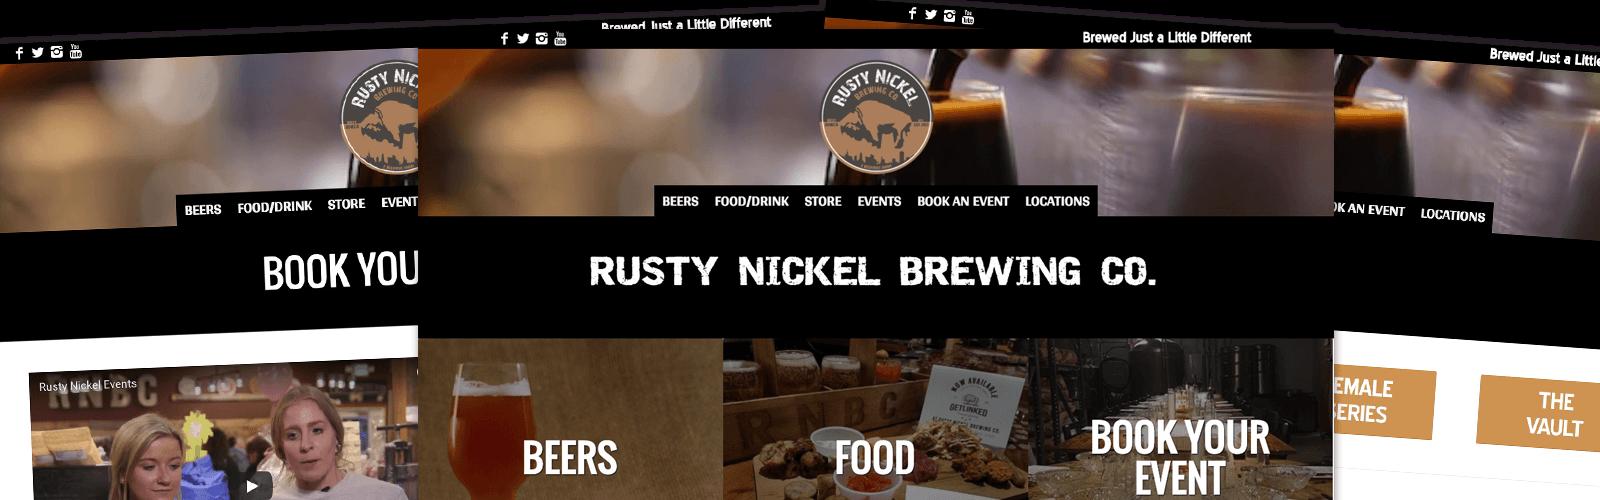 Rusty Nickel Brewing